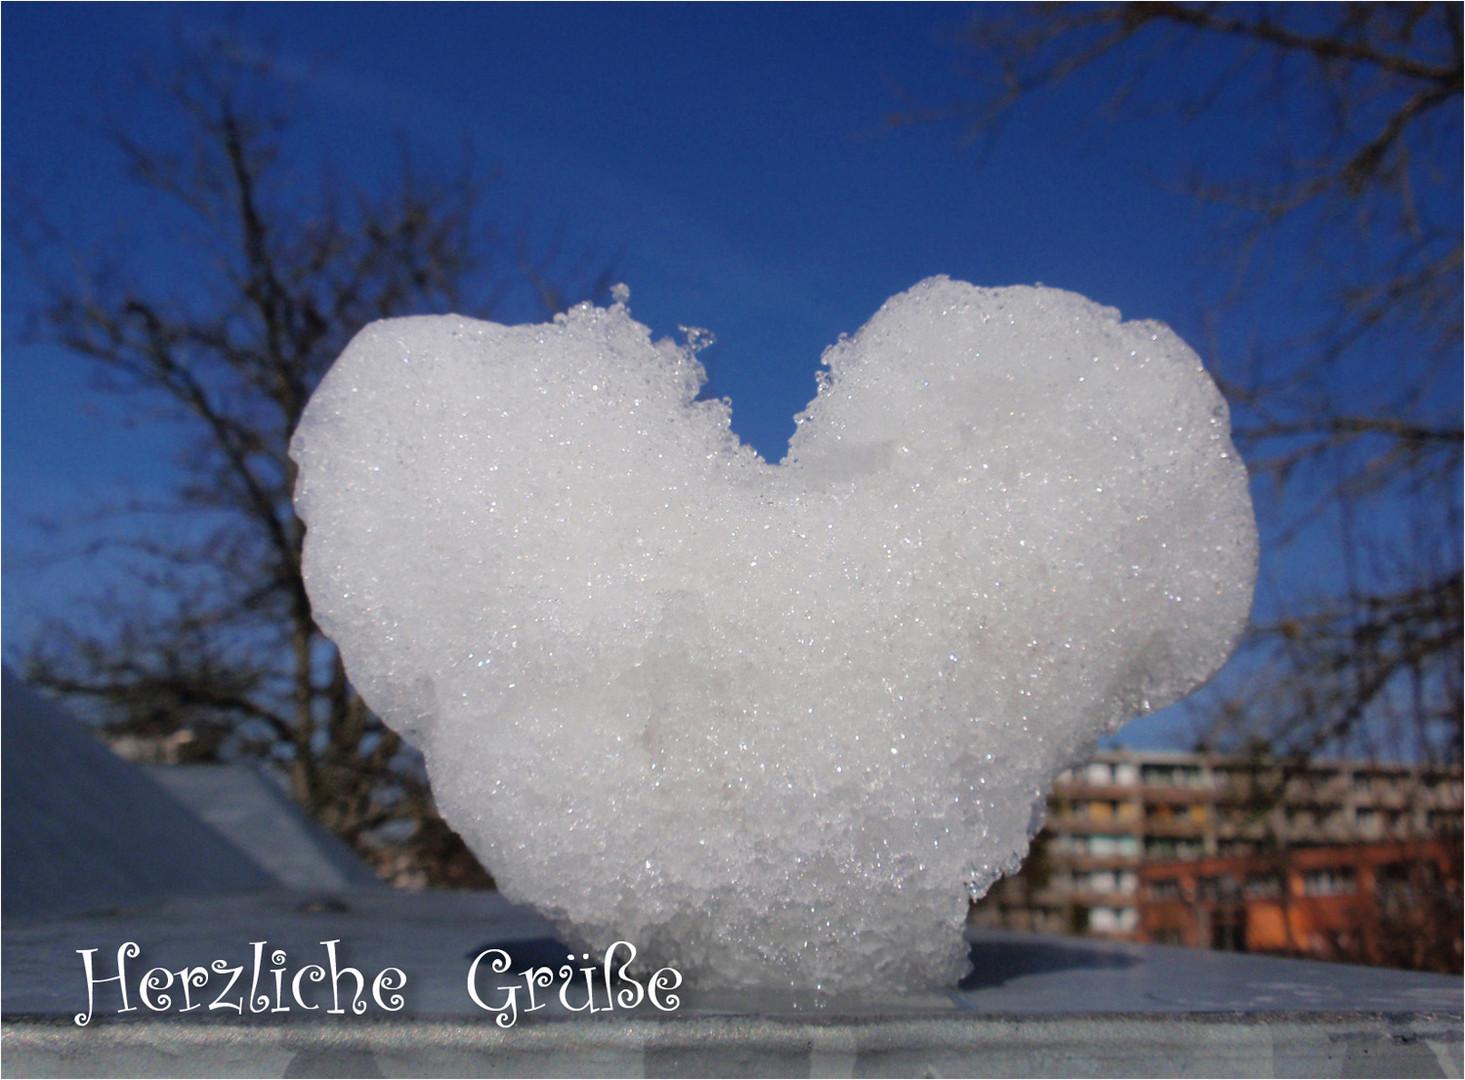 Herzliche_Grüße